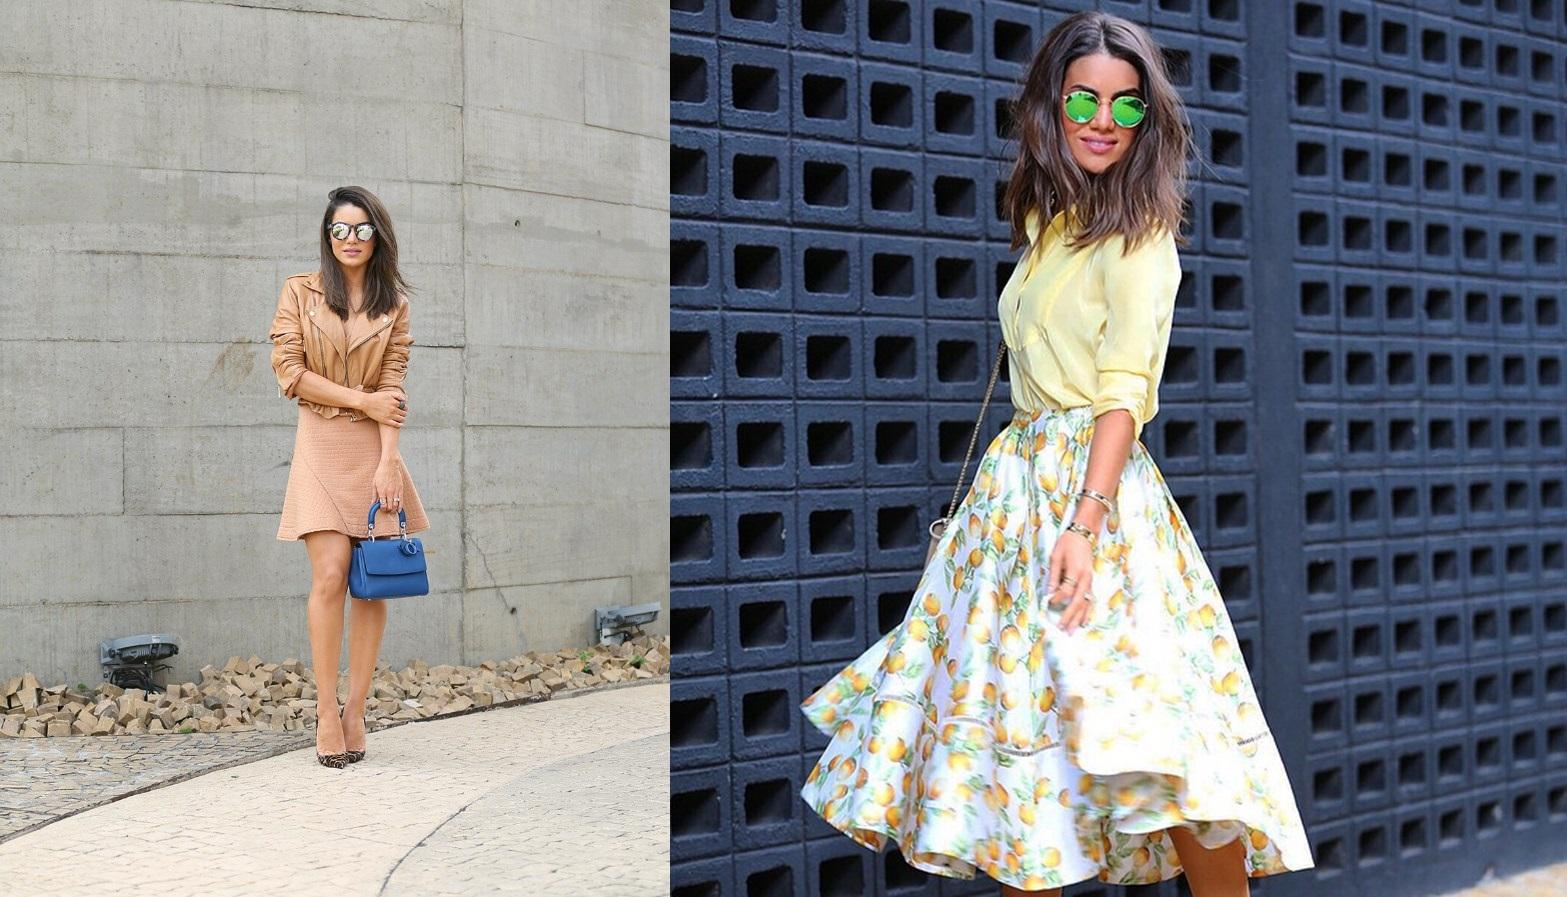 achado-chique-fashion-week-2015-10-horzk Melhores looks das Famosas e Blogueiras no  SPFW 2015